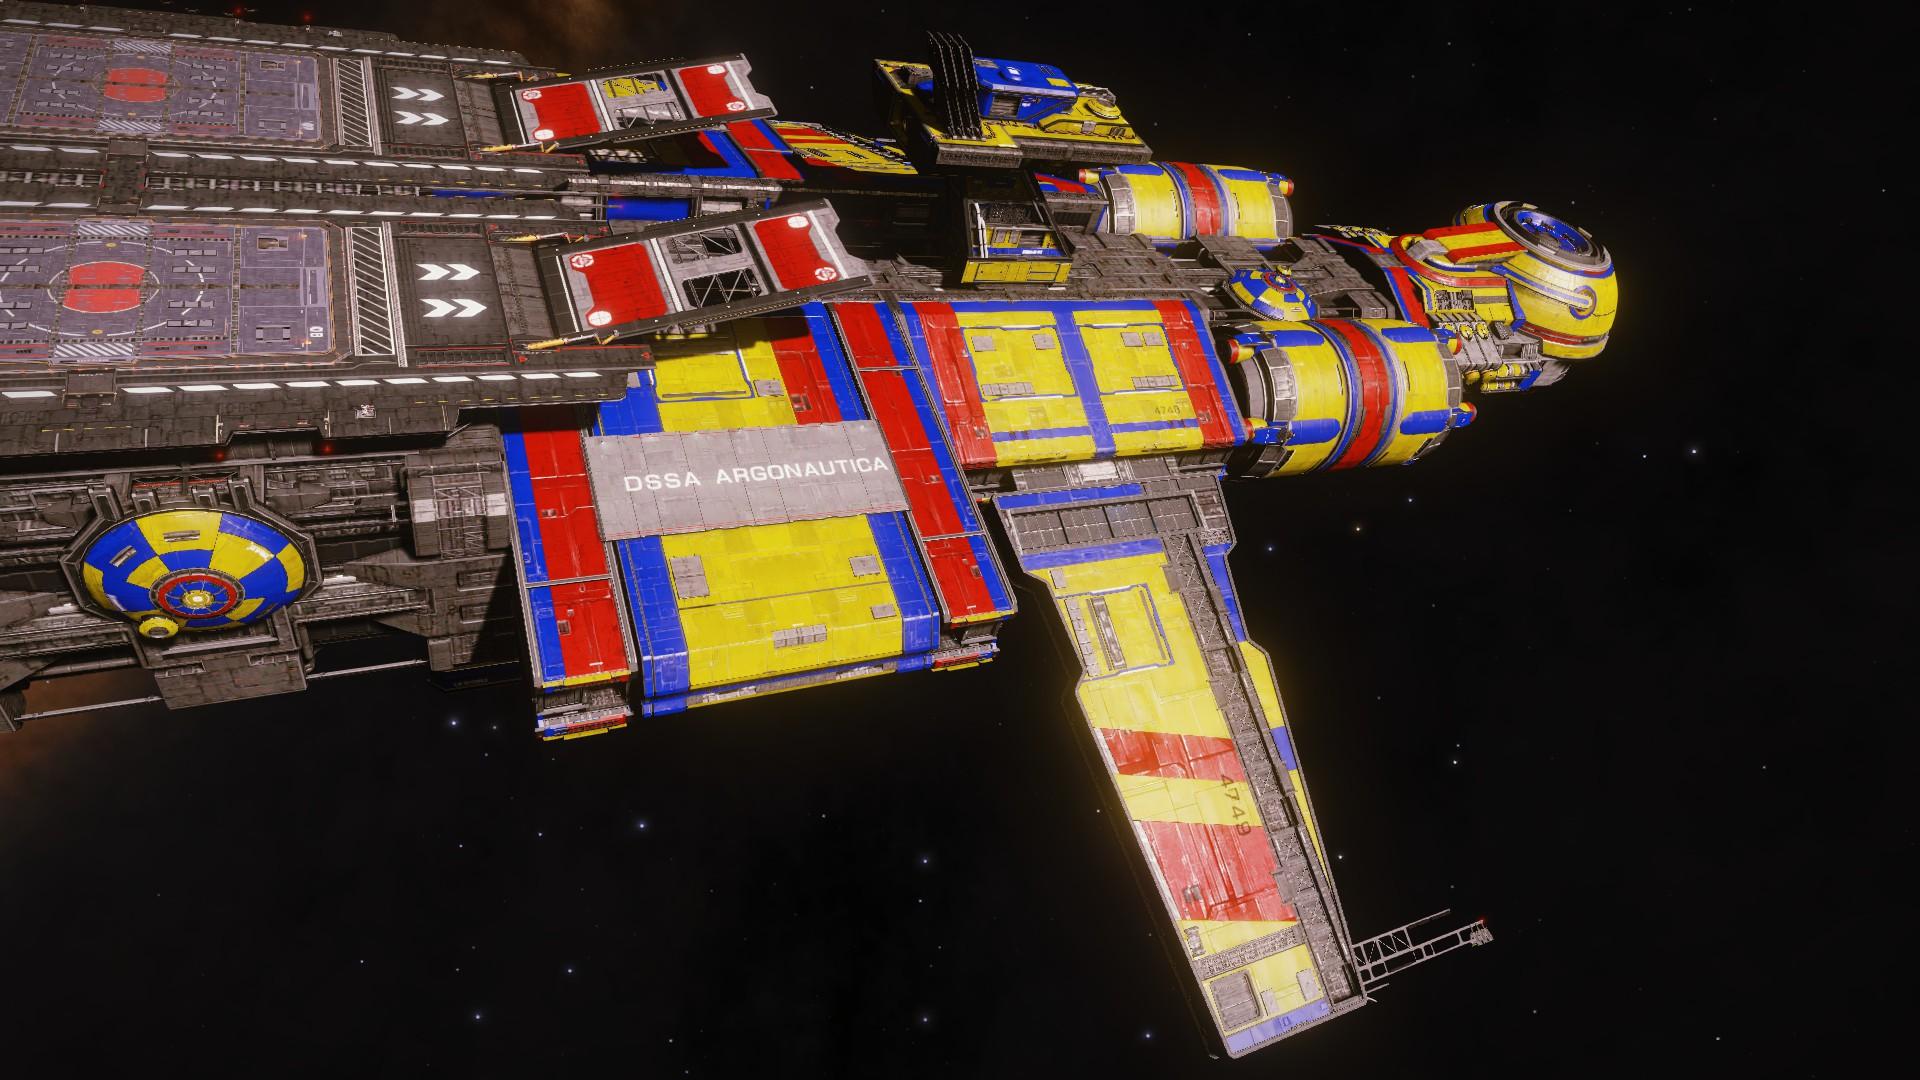 040 DSSA Argonautica 02.jpg